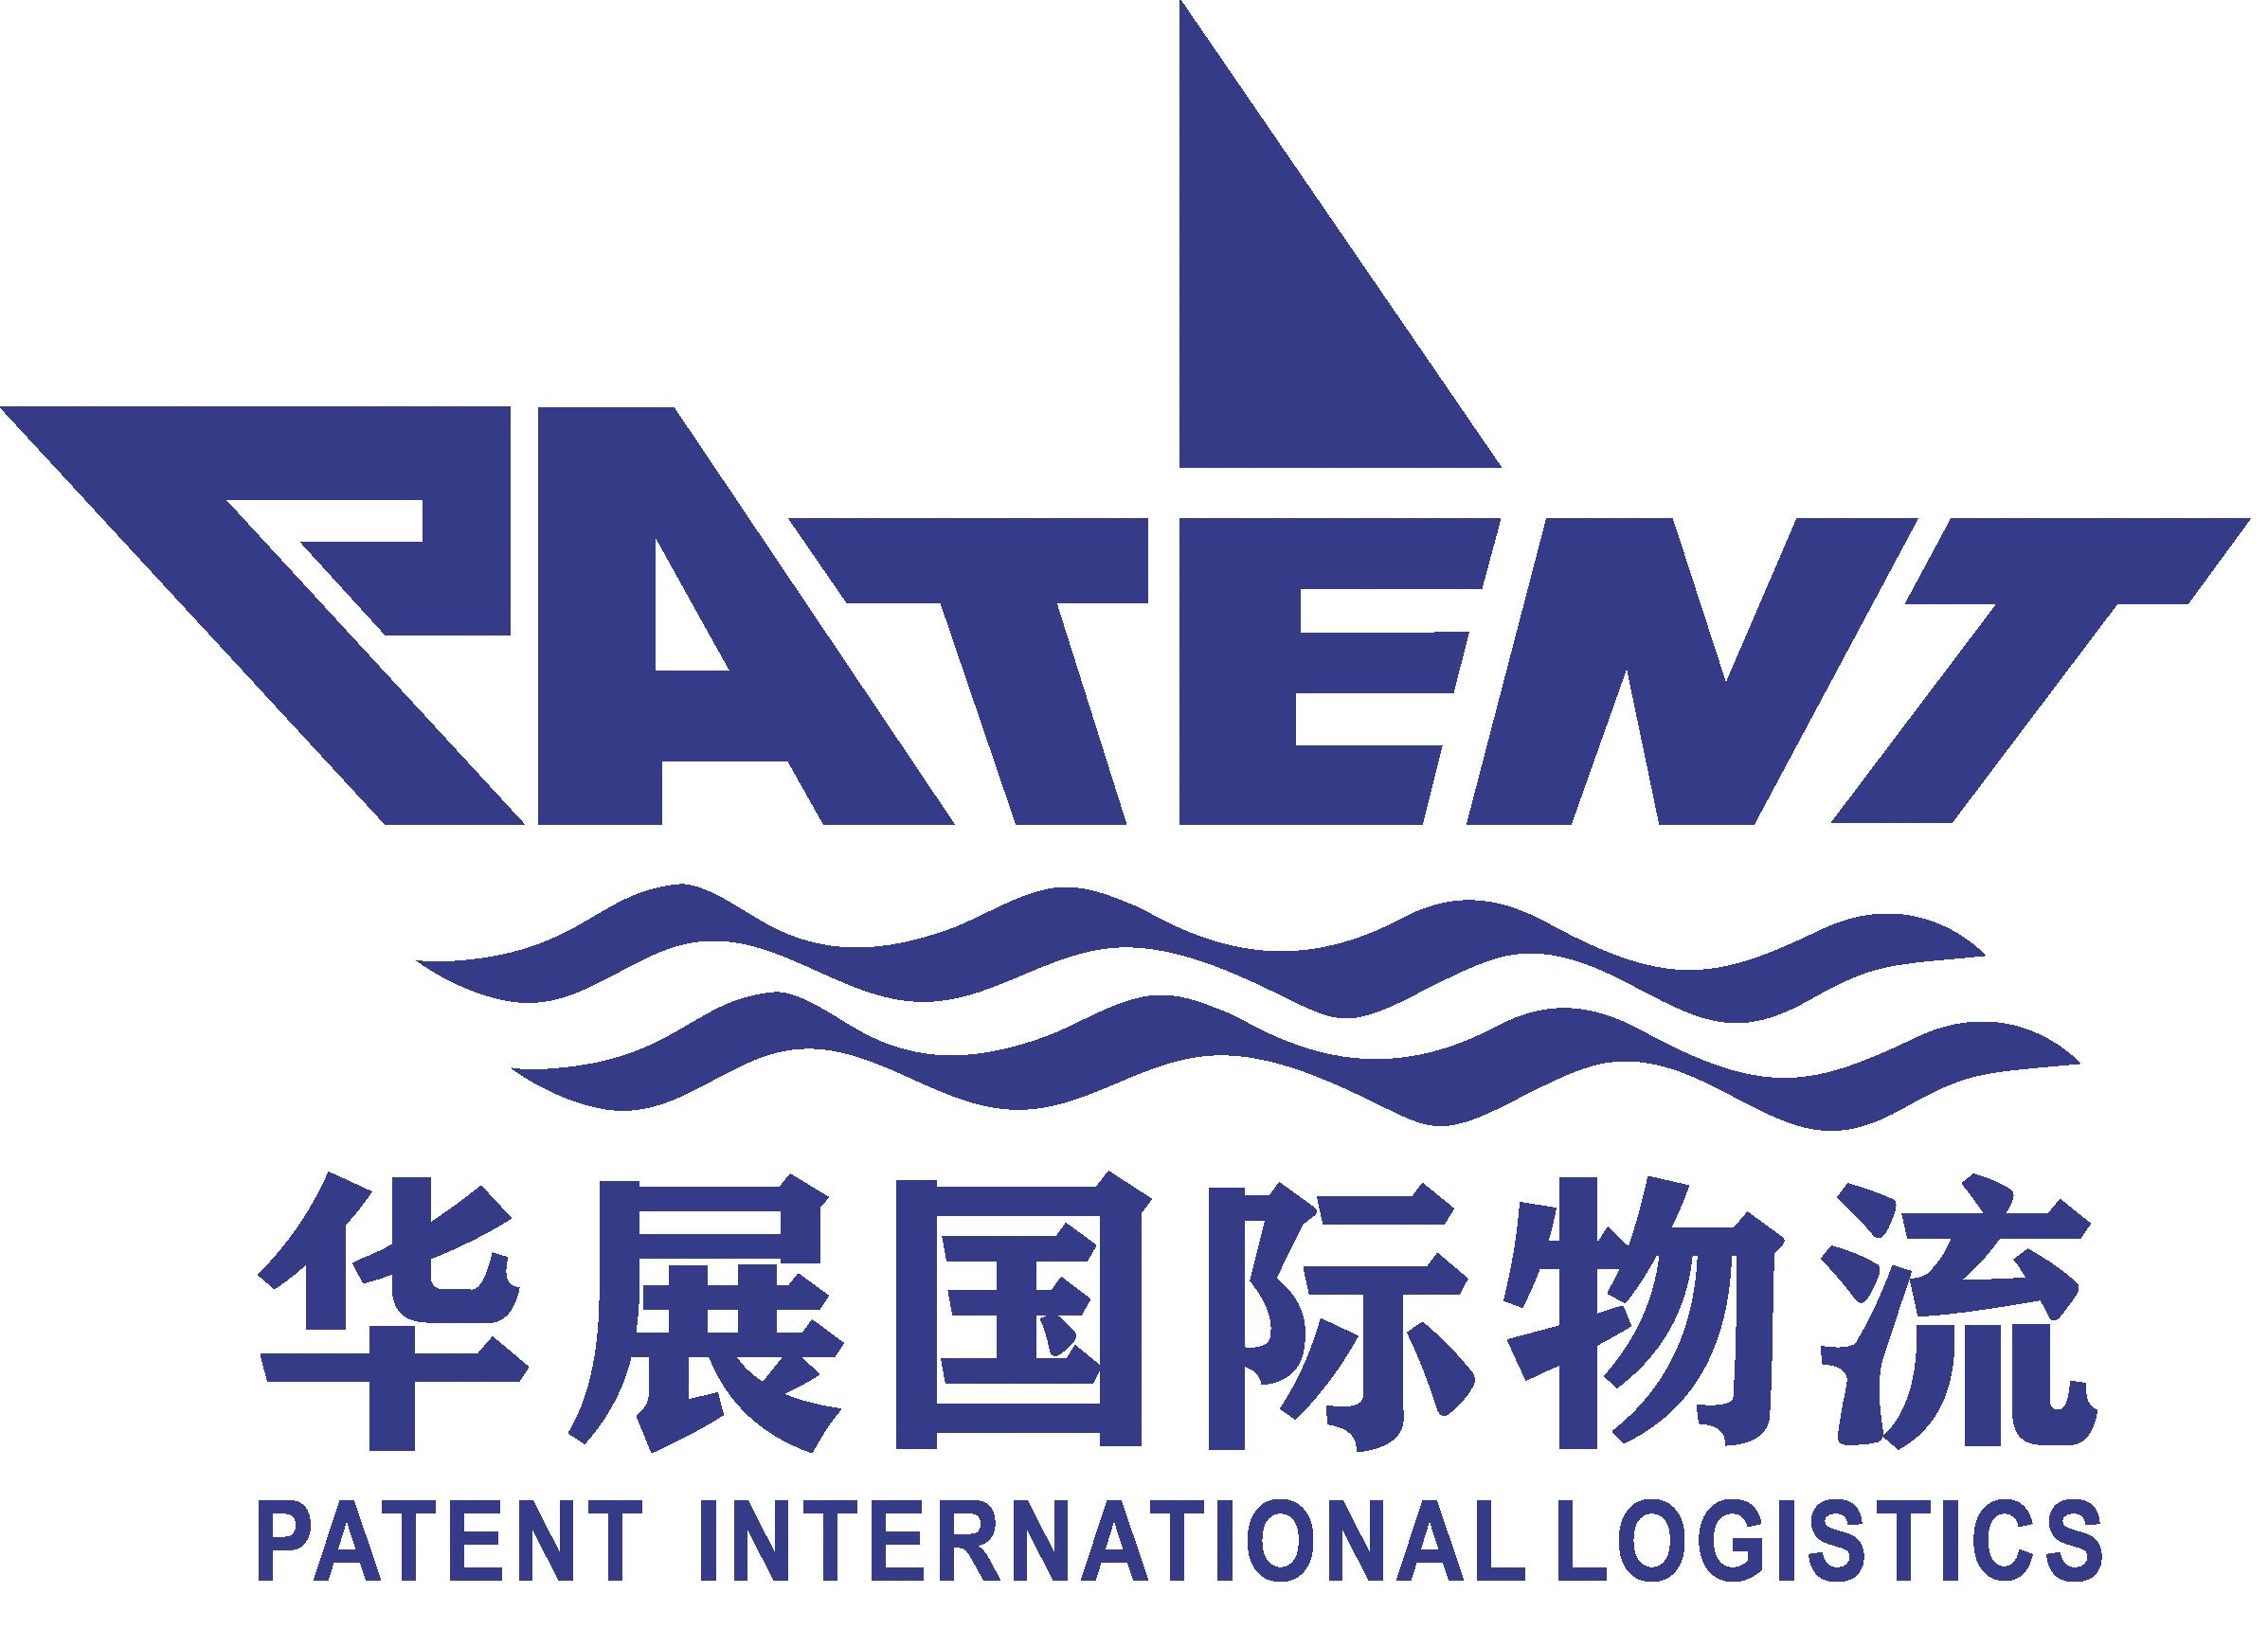 深圳市华展国际物流有限公司宣讲会